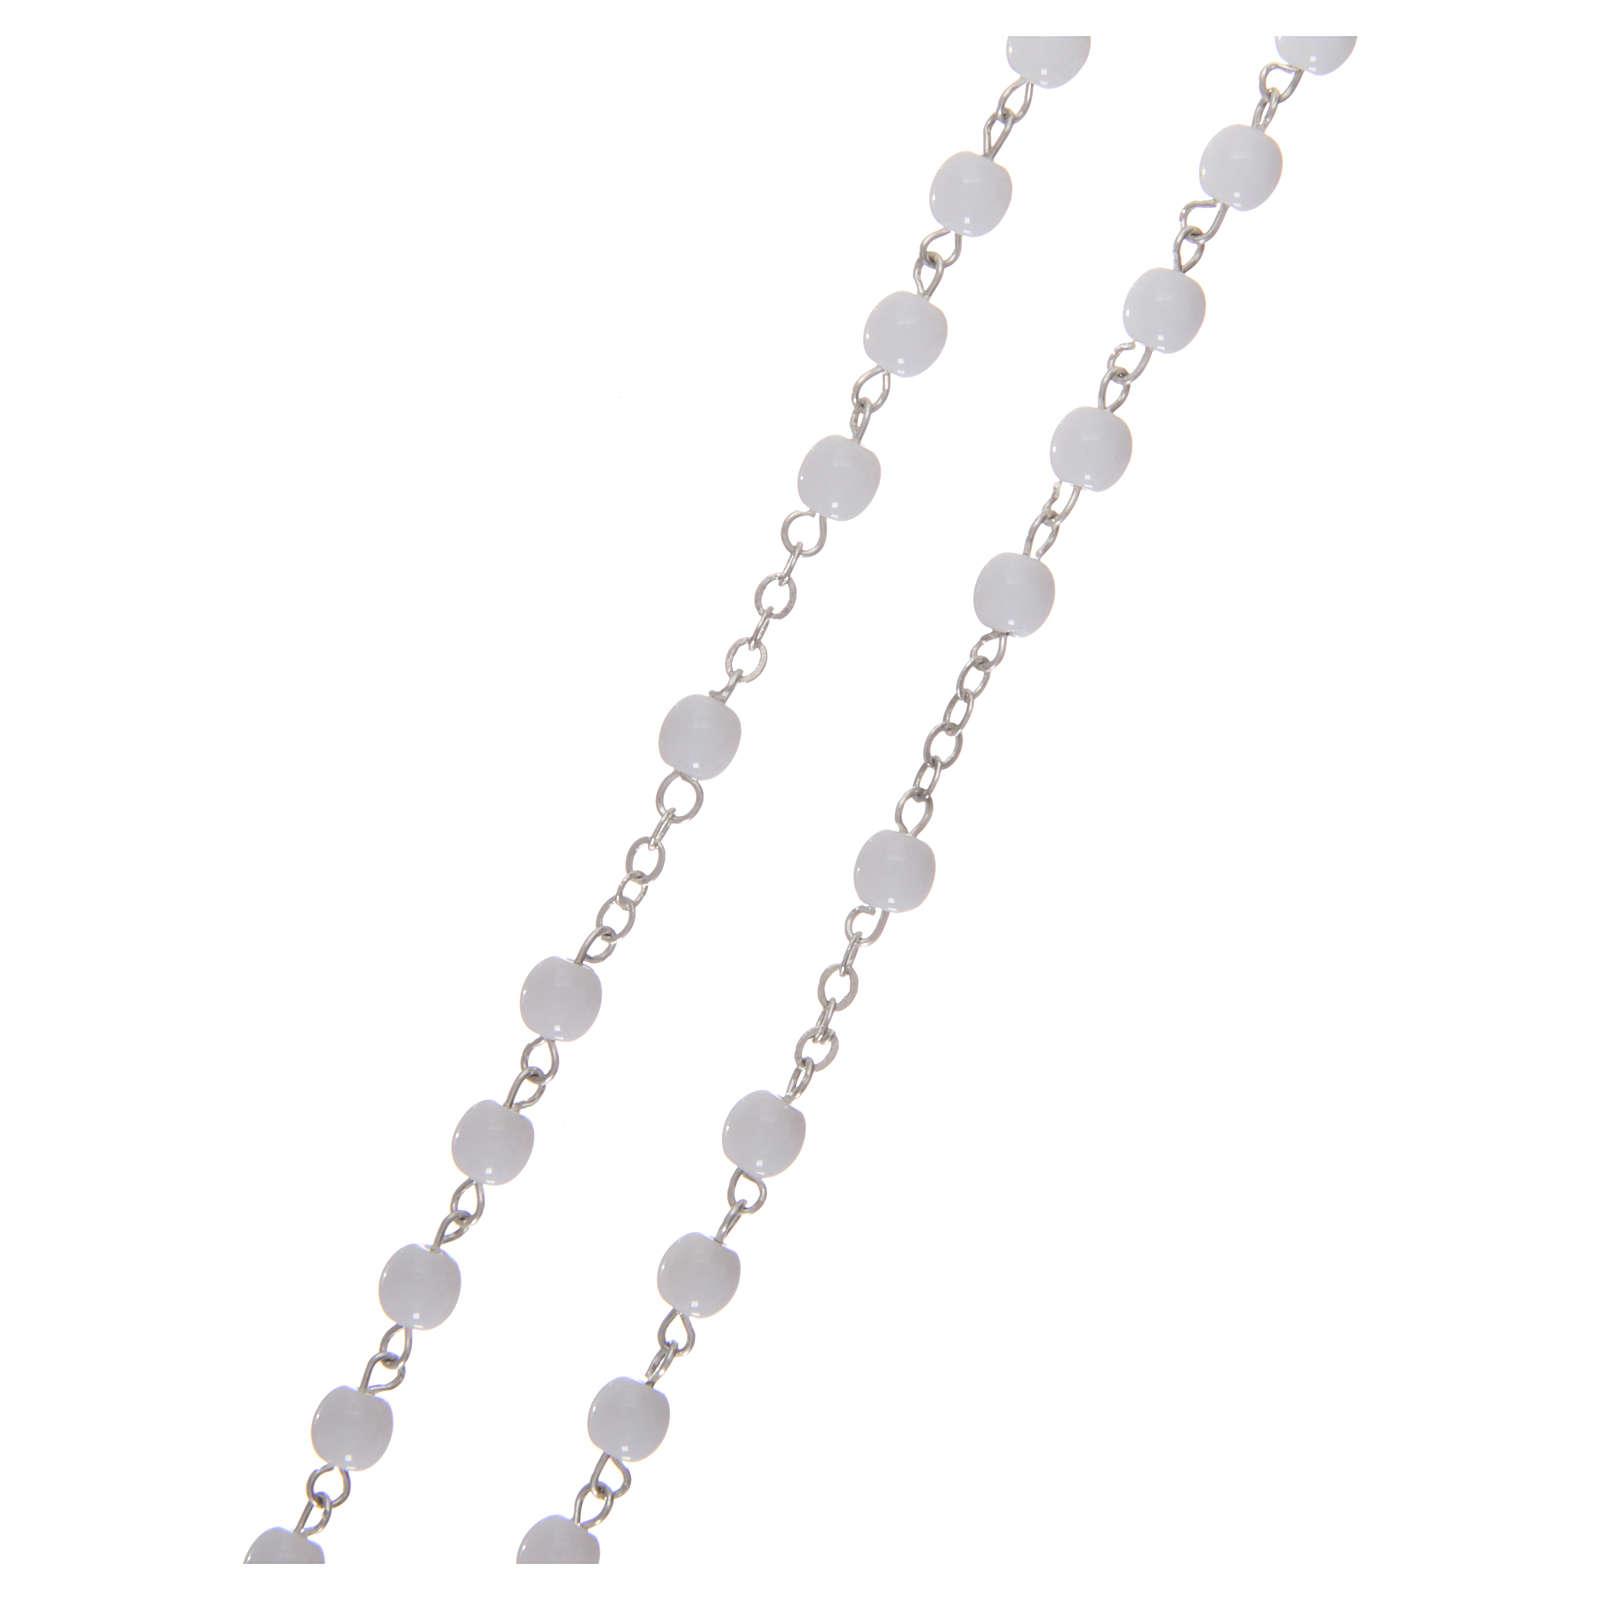 Rosenkranz, Perlen-Imitation Erstkommunion, 3 mm, mit Etui 4